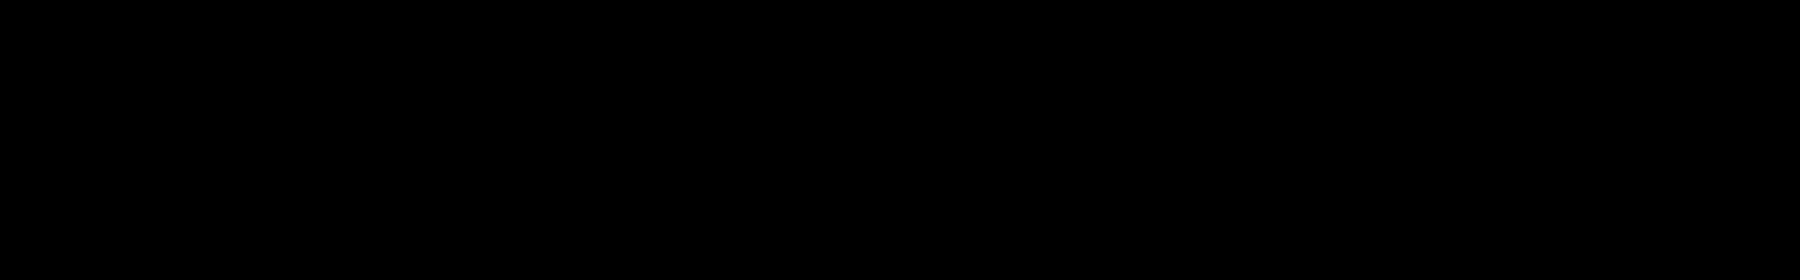 T.I.M Bundle audio waveform